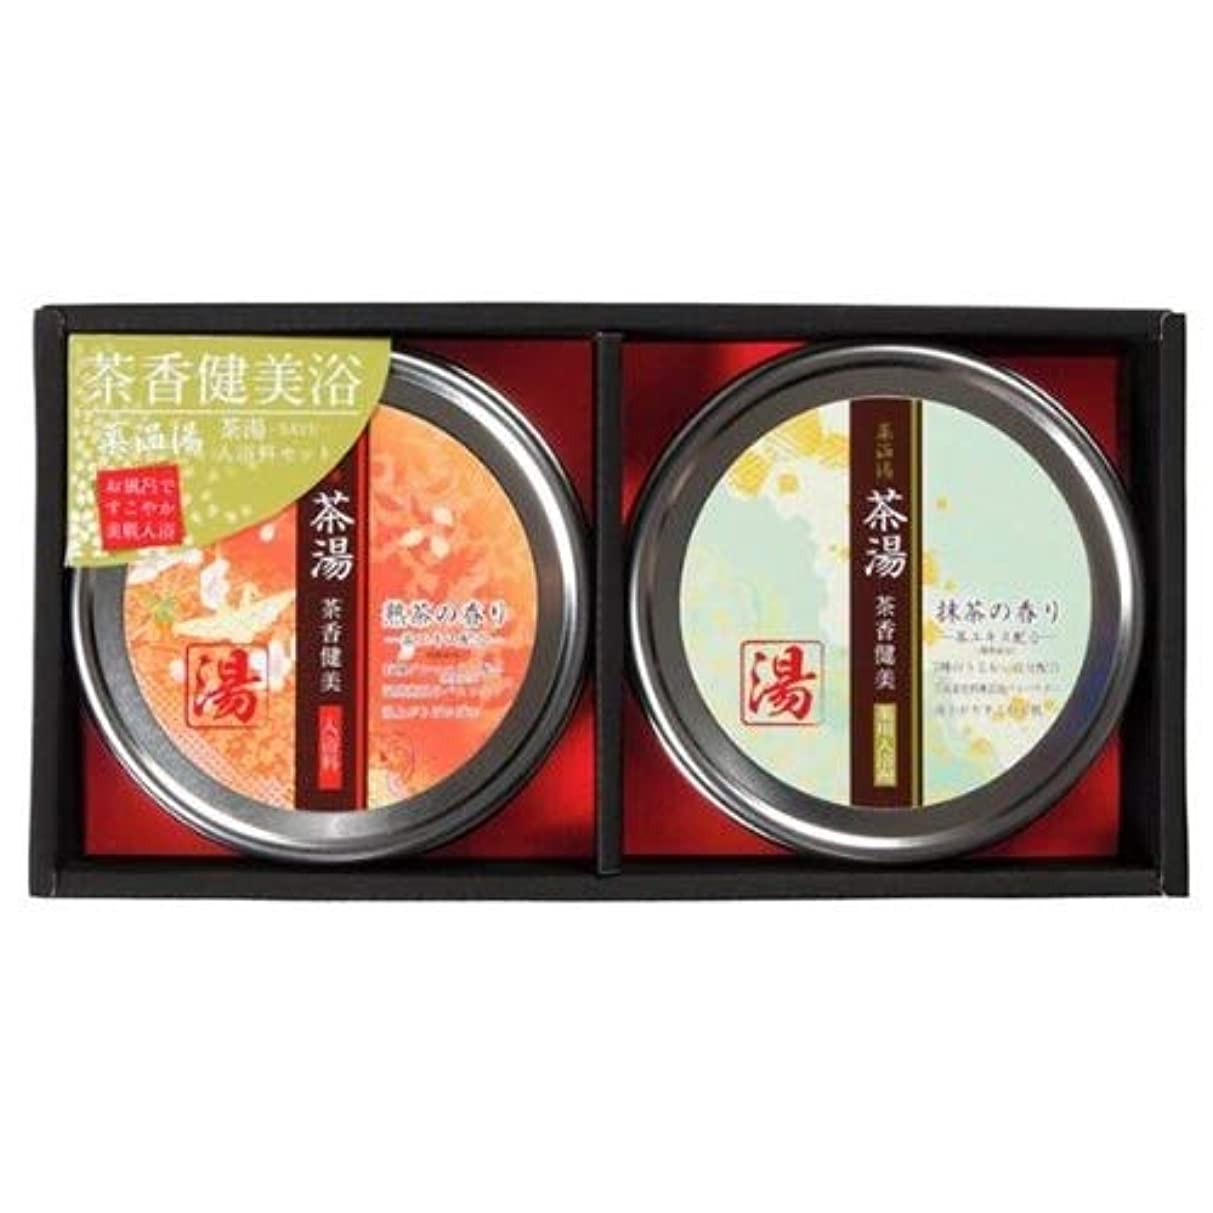 人採用する義務付けられた薬温湯 茶湯ギフトセット POF-20